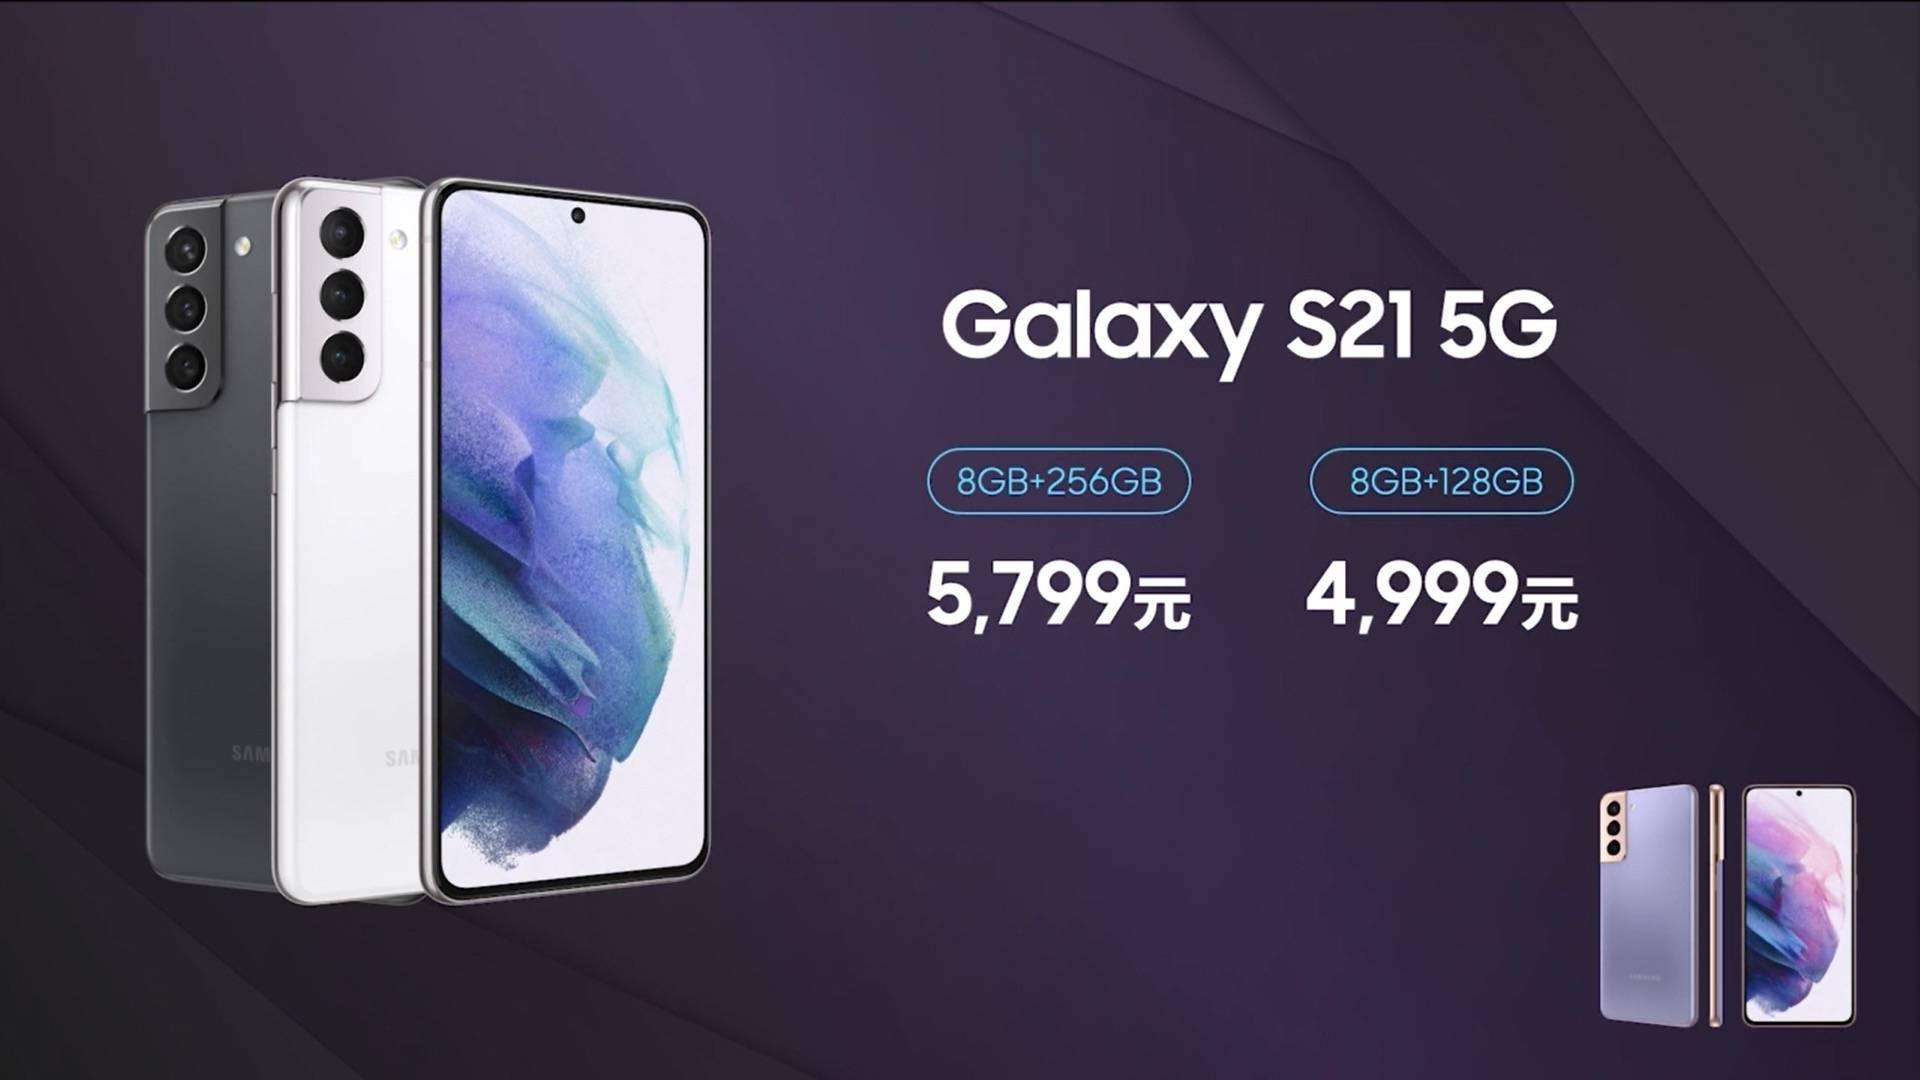 25W快充、1080P的屏幕,还能卖到4999也只有三星了